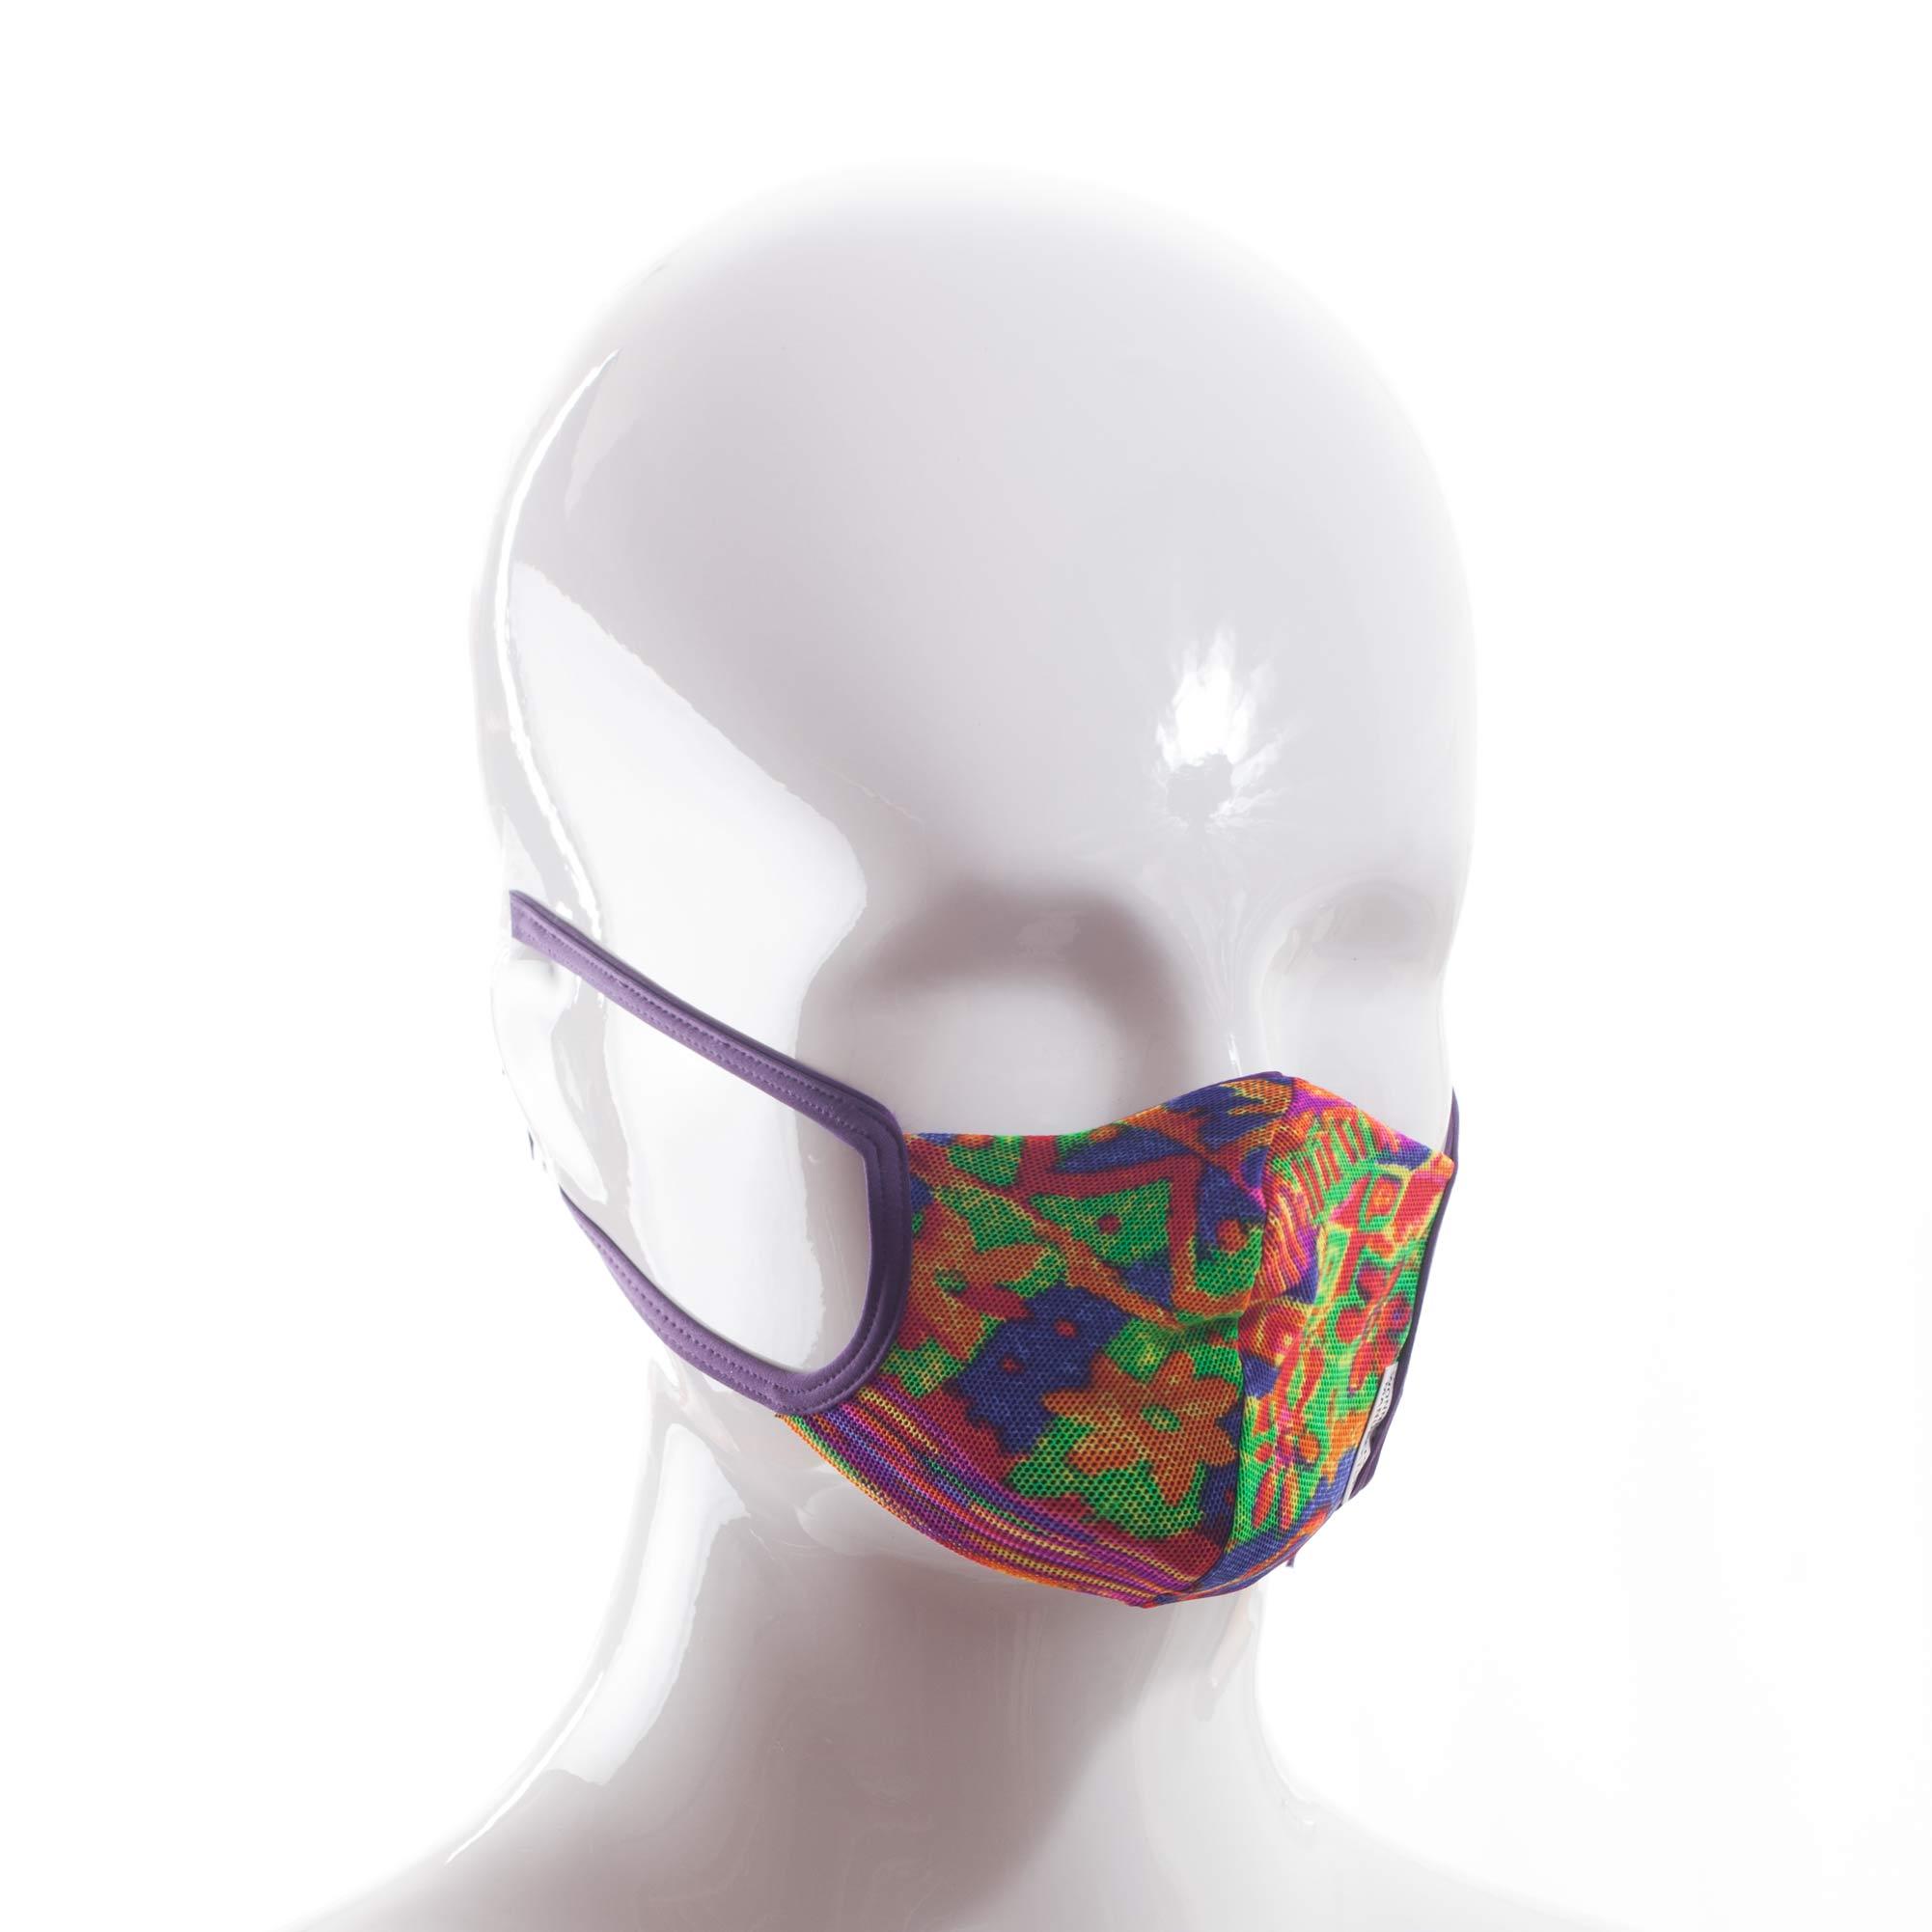 Die Baumwoll-Polyester Mund-Nasen Maske BWPM4.1KidsSommer von der Wonneberger Manufaktur ist eine textile Behelfsmaske, kein zertifizierter Mundschutz.  Sie schützt nur bedingt vor Ansteckung. Ihr eigentlicher Zweck ist es, den Atem des Trägers zu filtern und dadurch seine Umgebung zu schützen. Daher muss die…